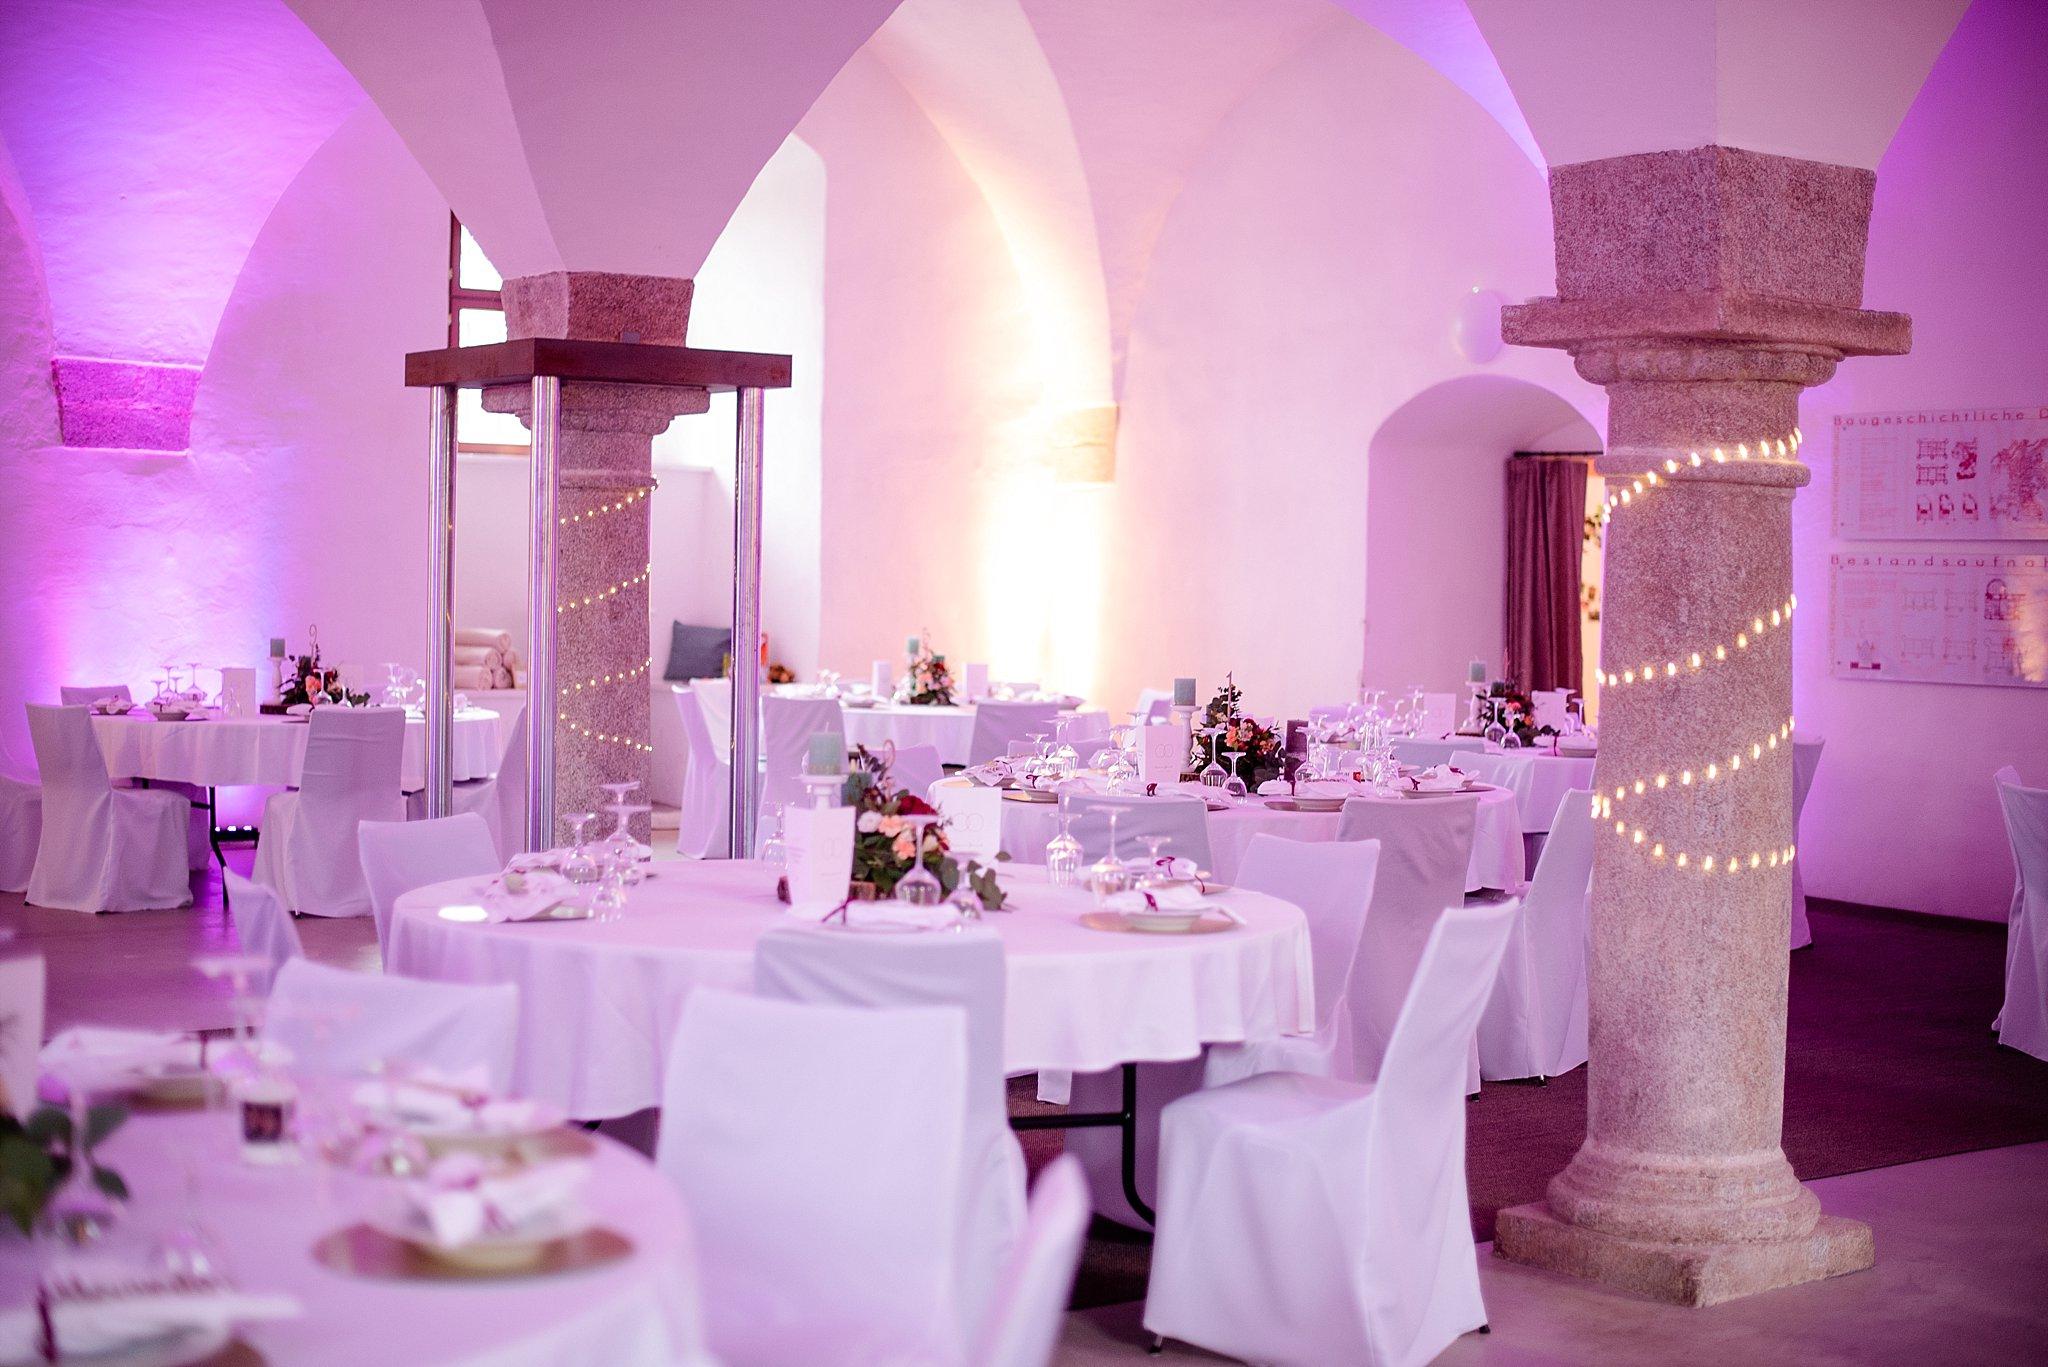 Hochzeit-von-Marina-Dominik-auf-Burg-Wernberg-und-Schloss-Friedrichsburg-00016